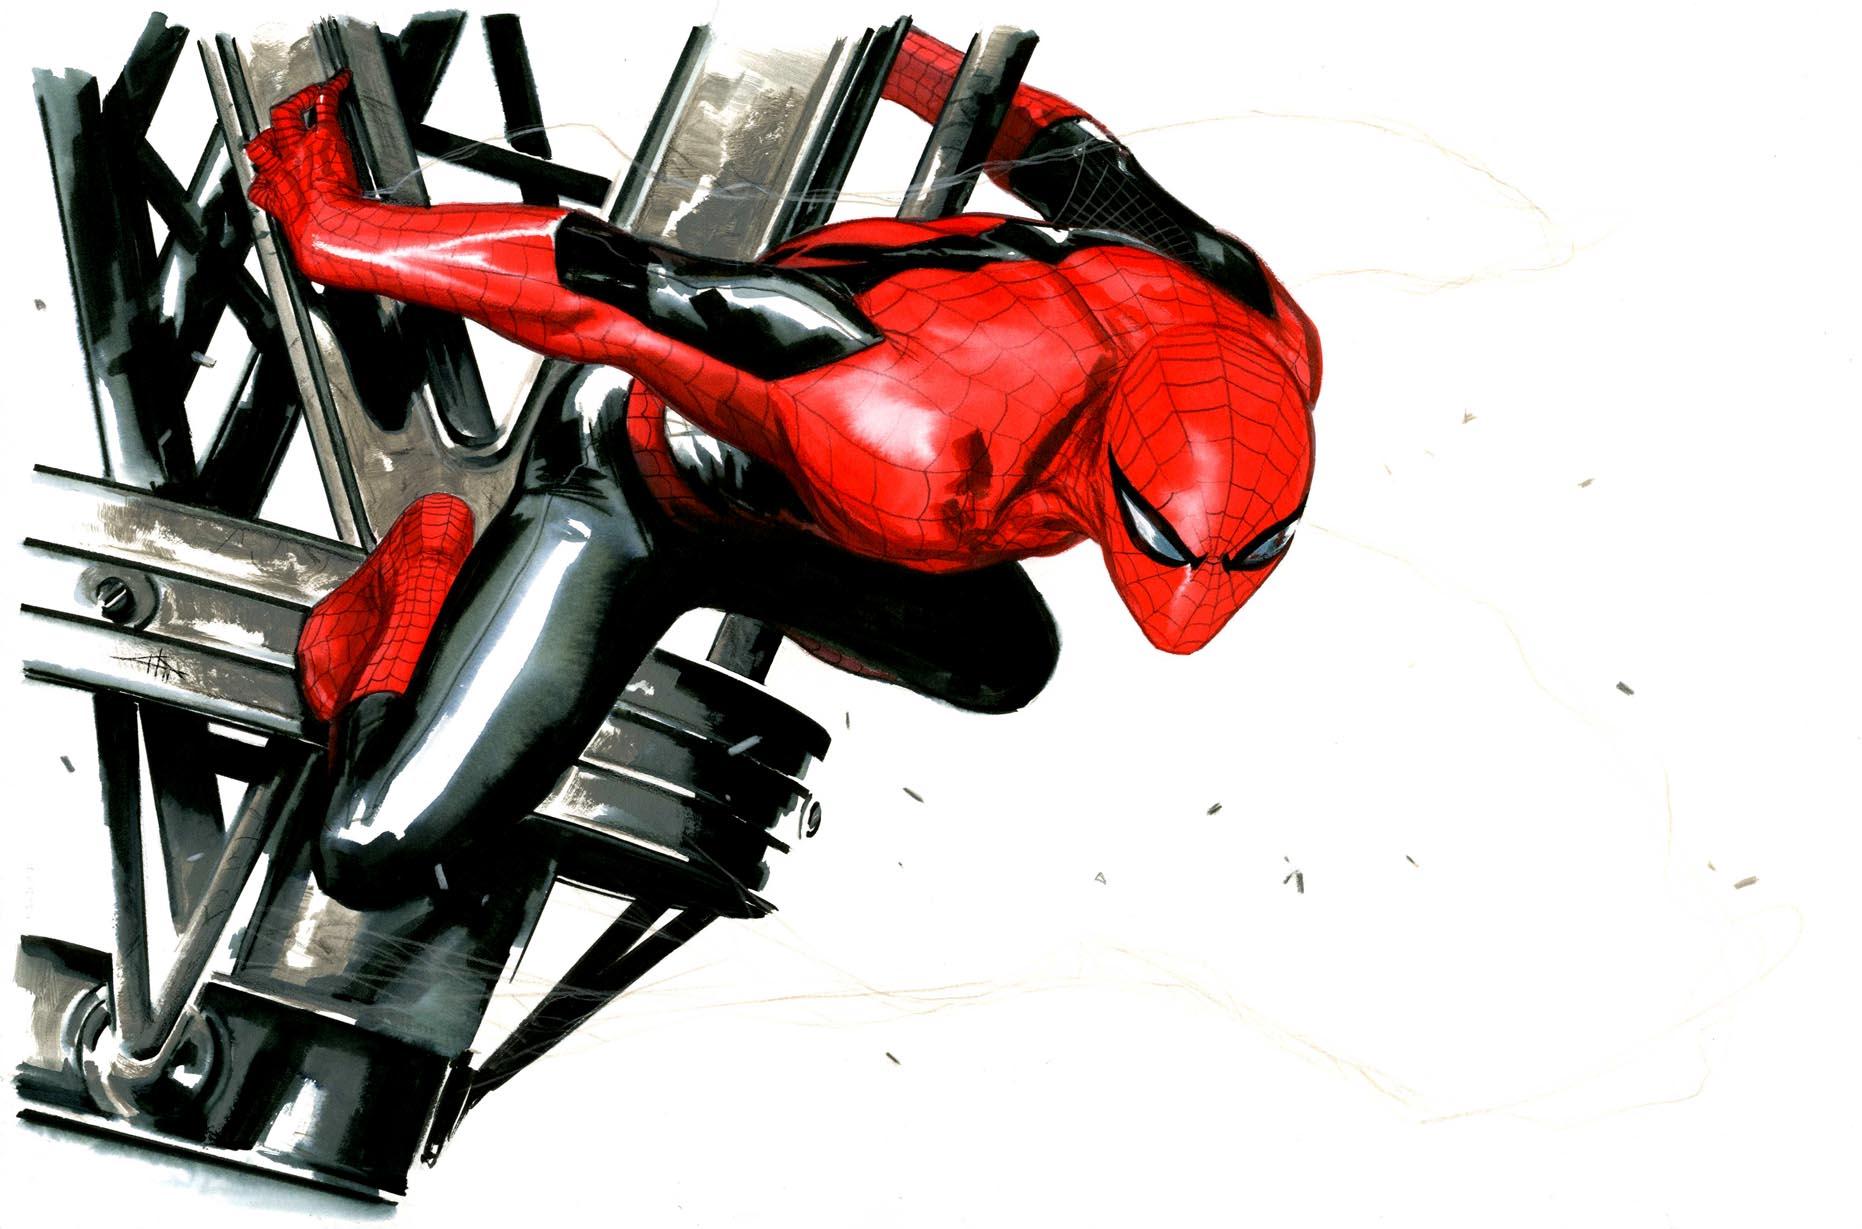 1862x1229 The Amazing Spider Man Bakgrund And Bakgrund Id